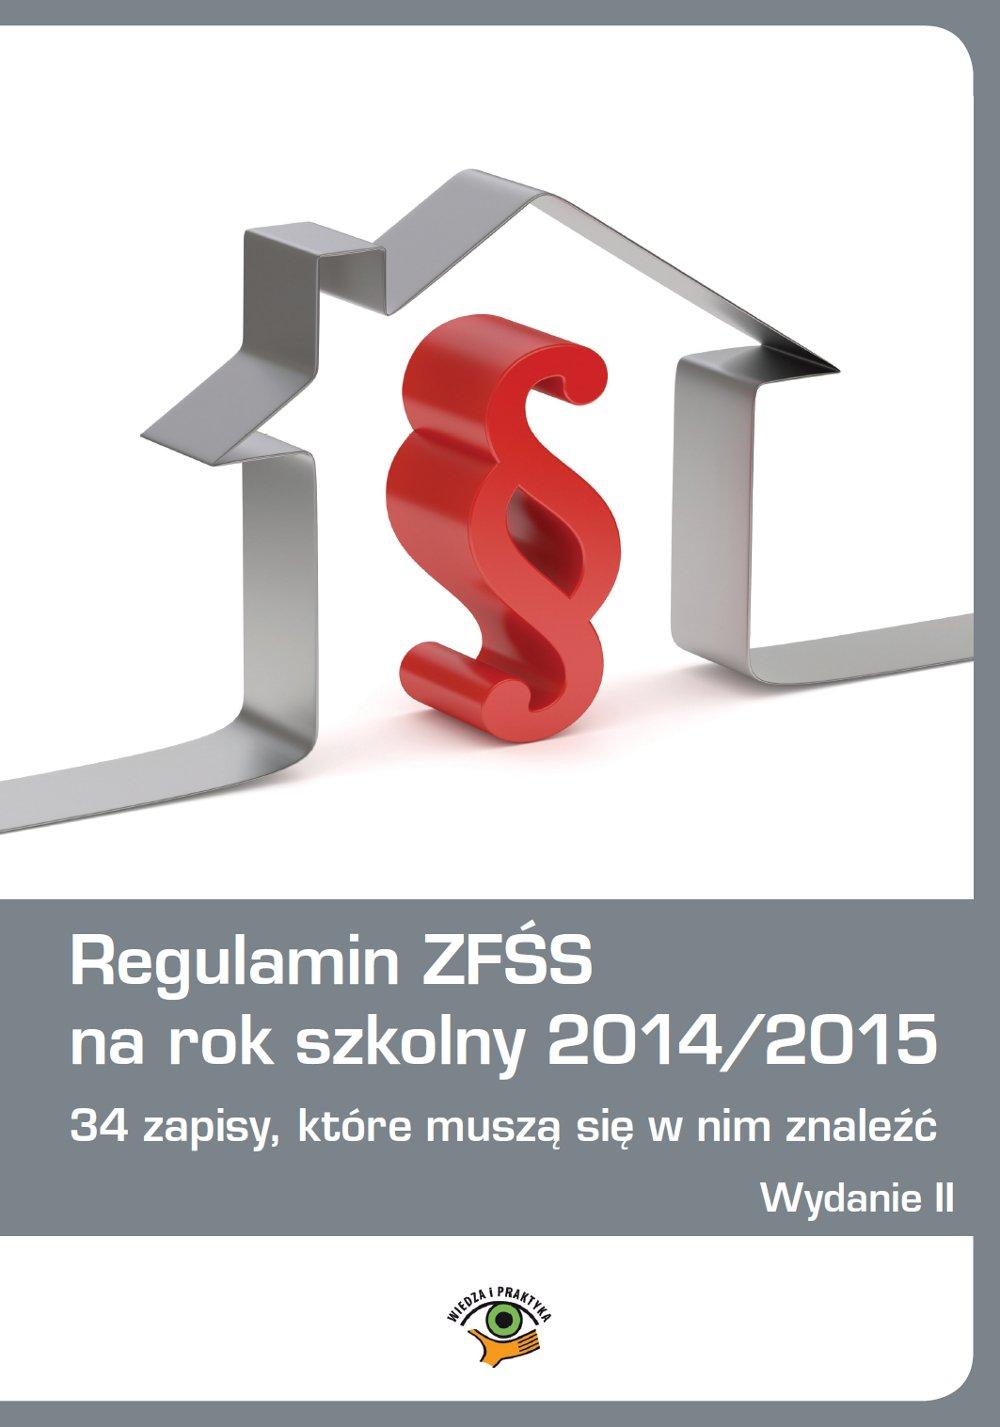 Regulamin ZFŚS na rok szkolny 2014/2015 - Ebook (Książka EPUB) do pobrania w formacie EPUB